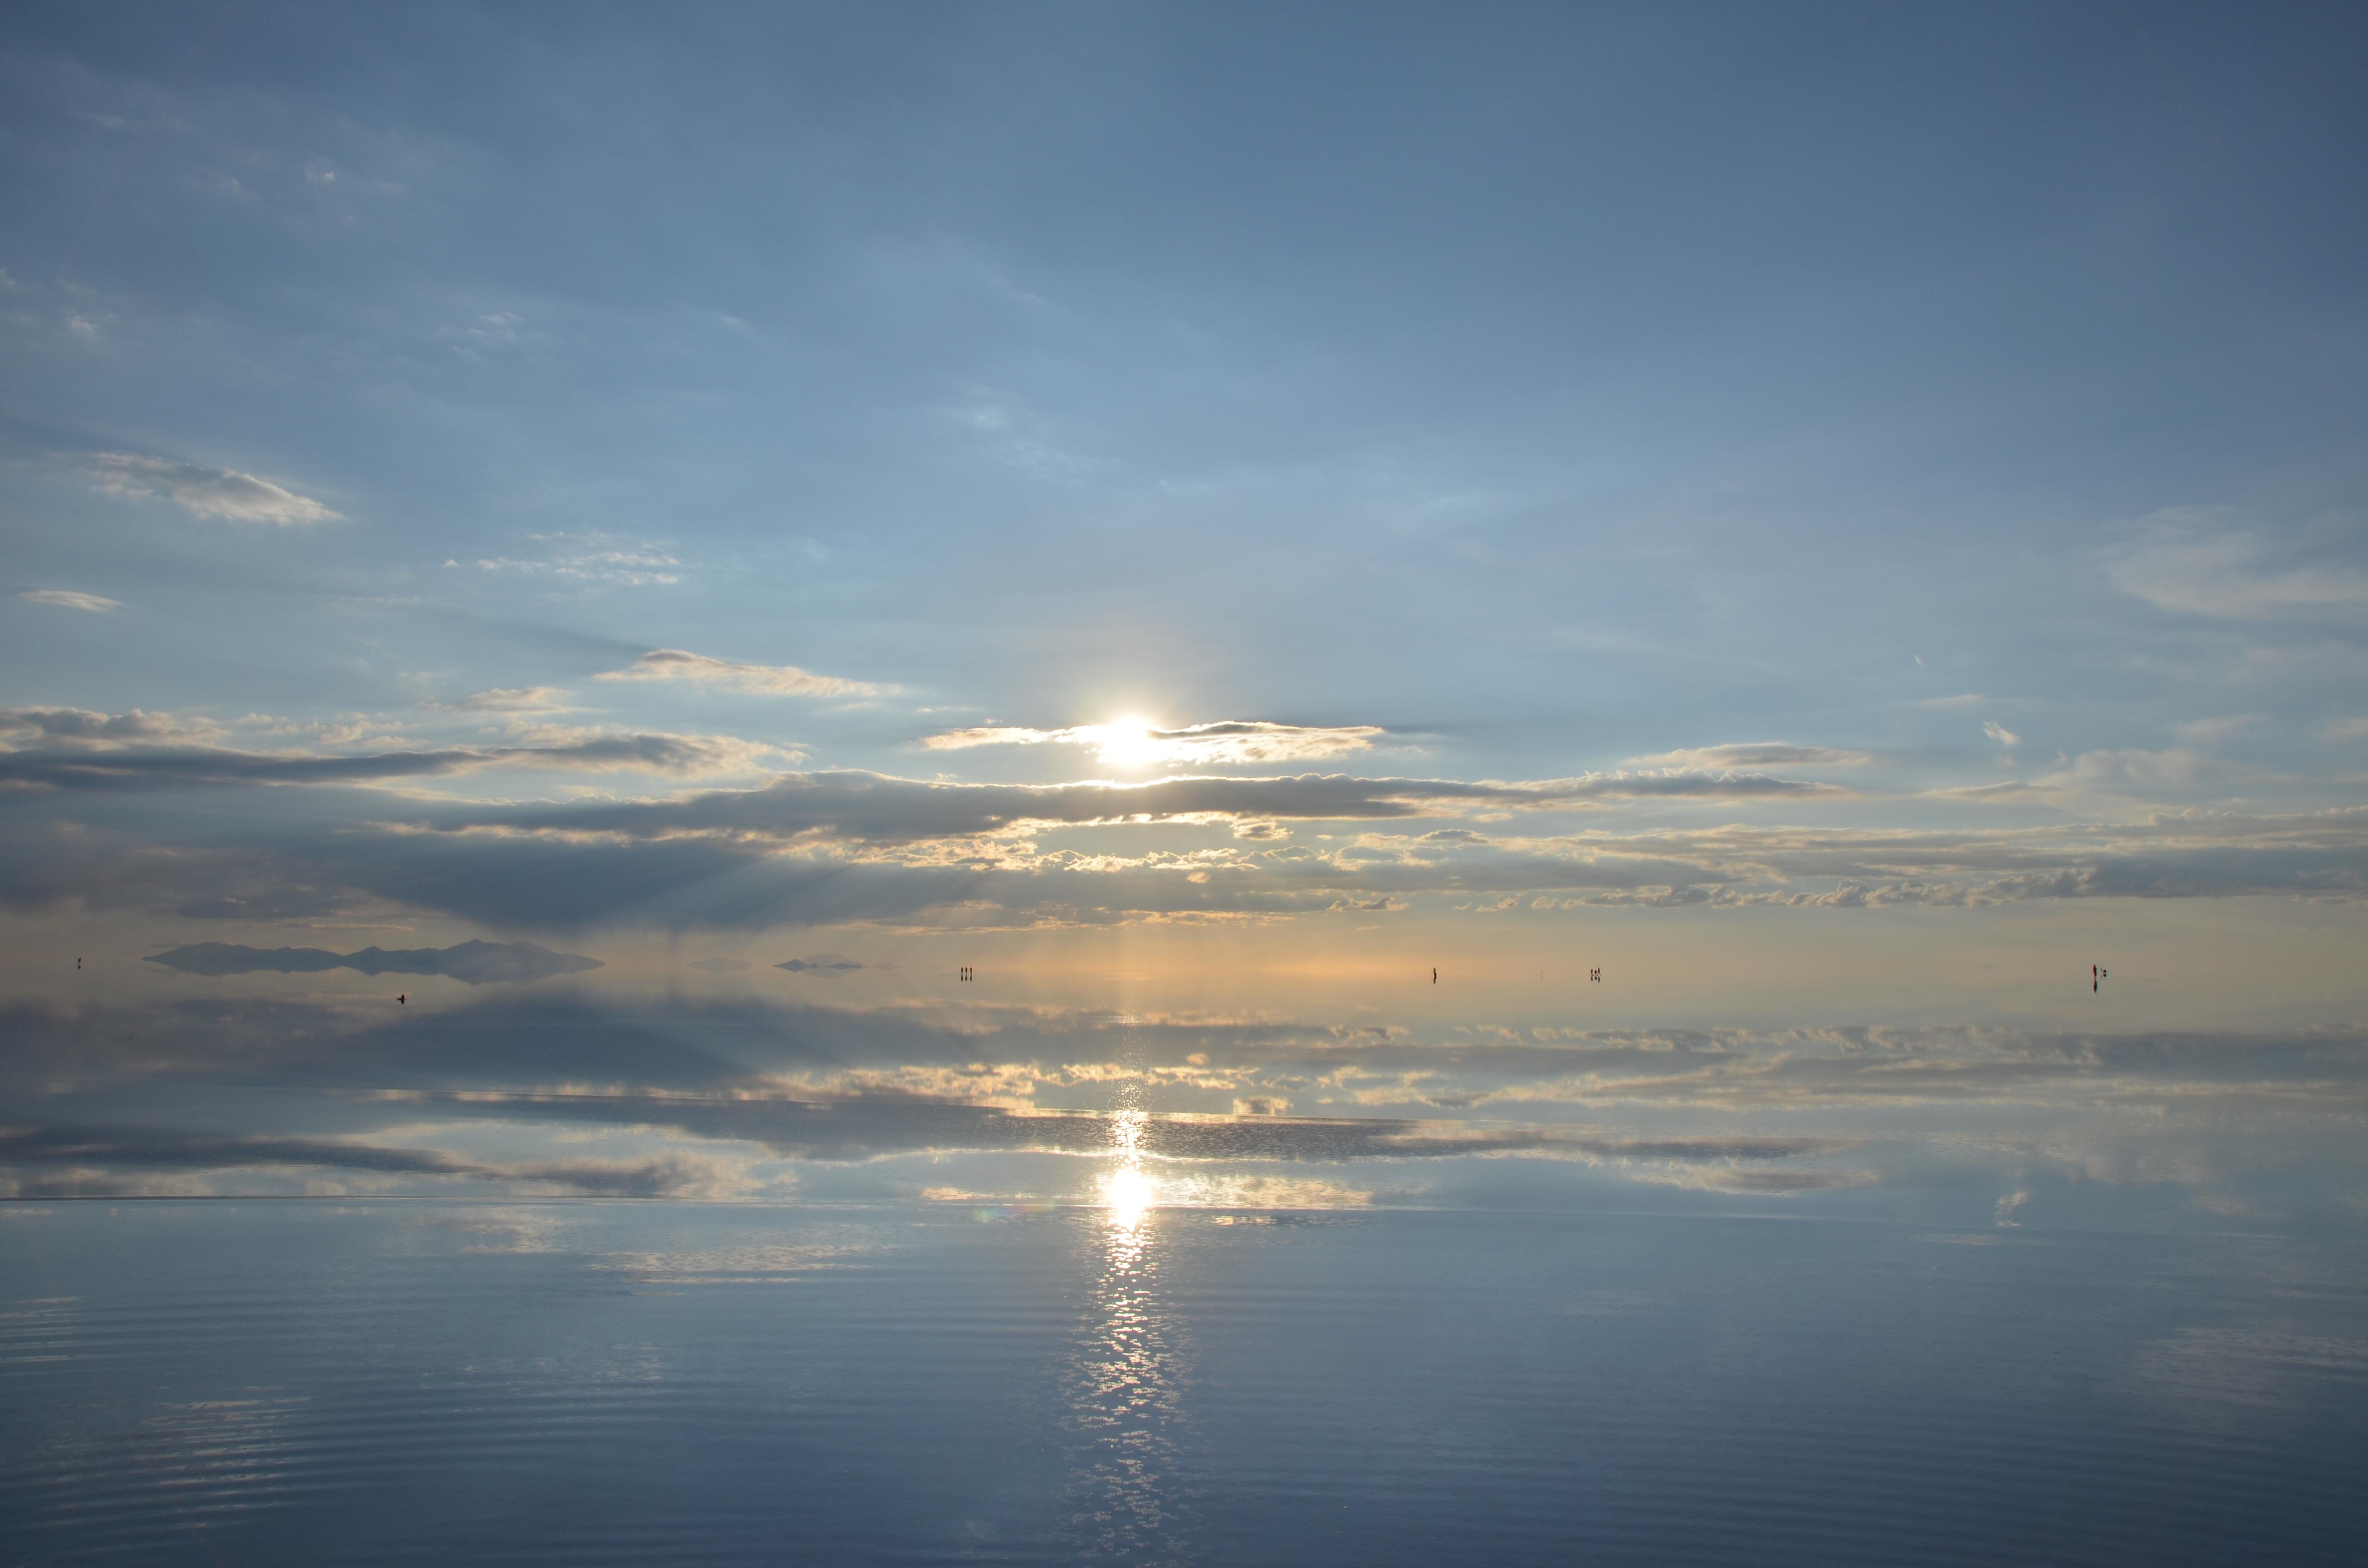 ウユニ塩湖遺跡に夕日が映える壁紙